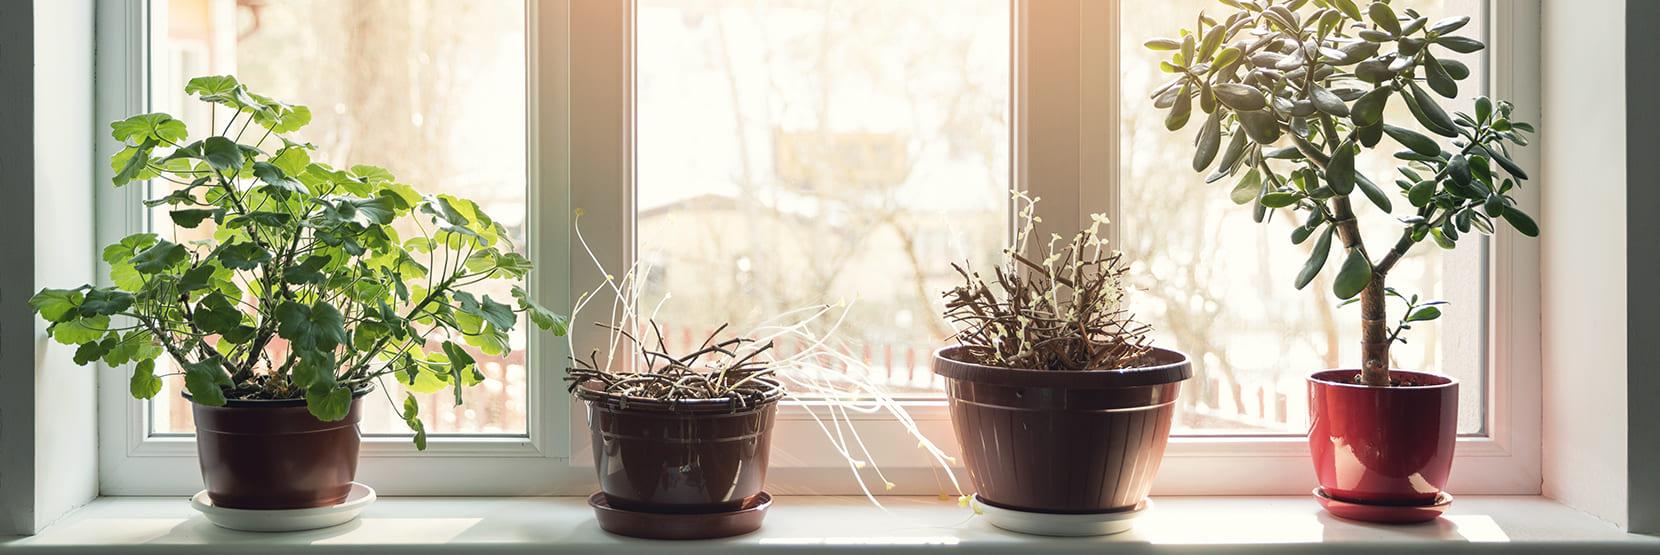 Planten tegen vocht in huis?